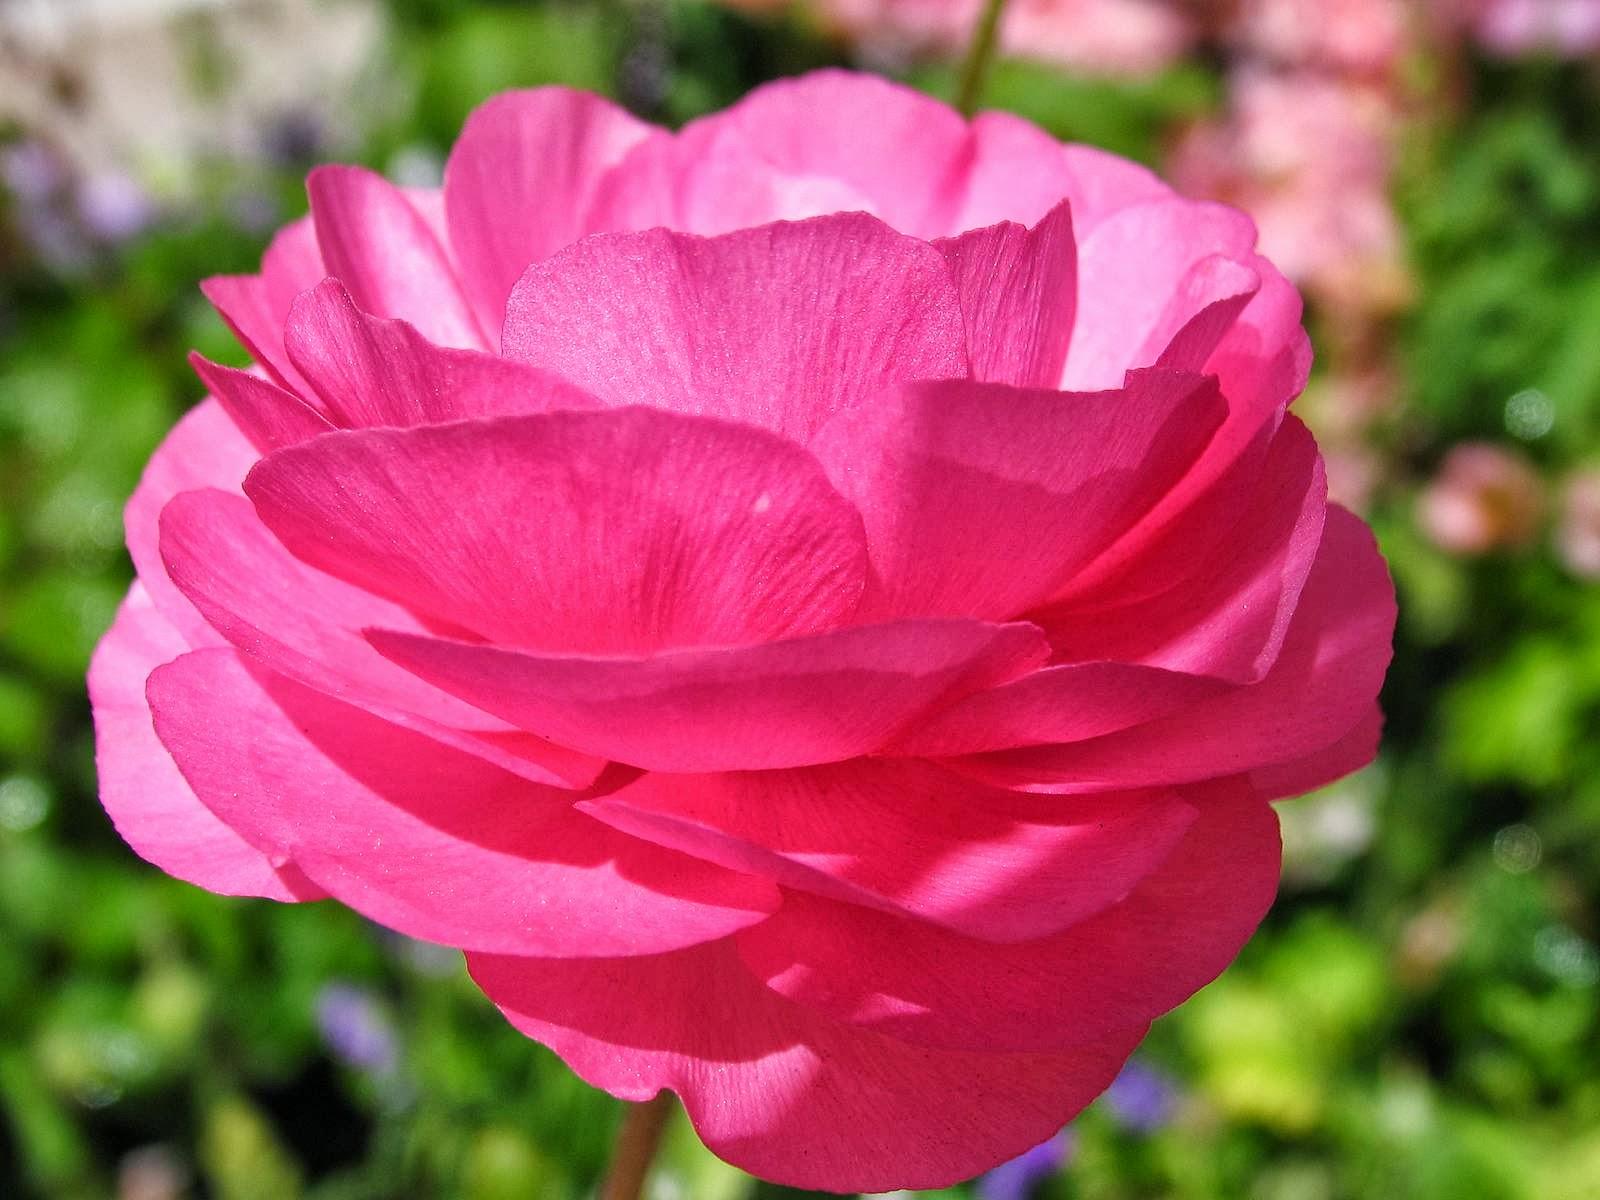 Buttercup Flower Beautiful Flowers